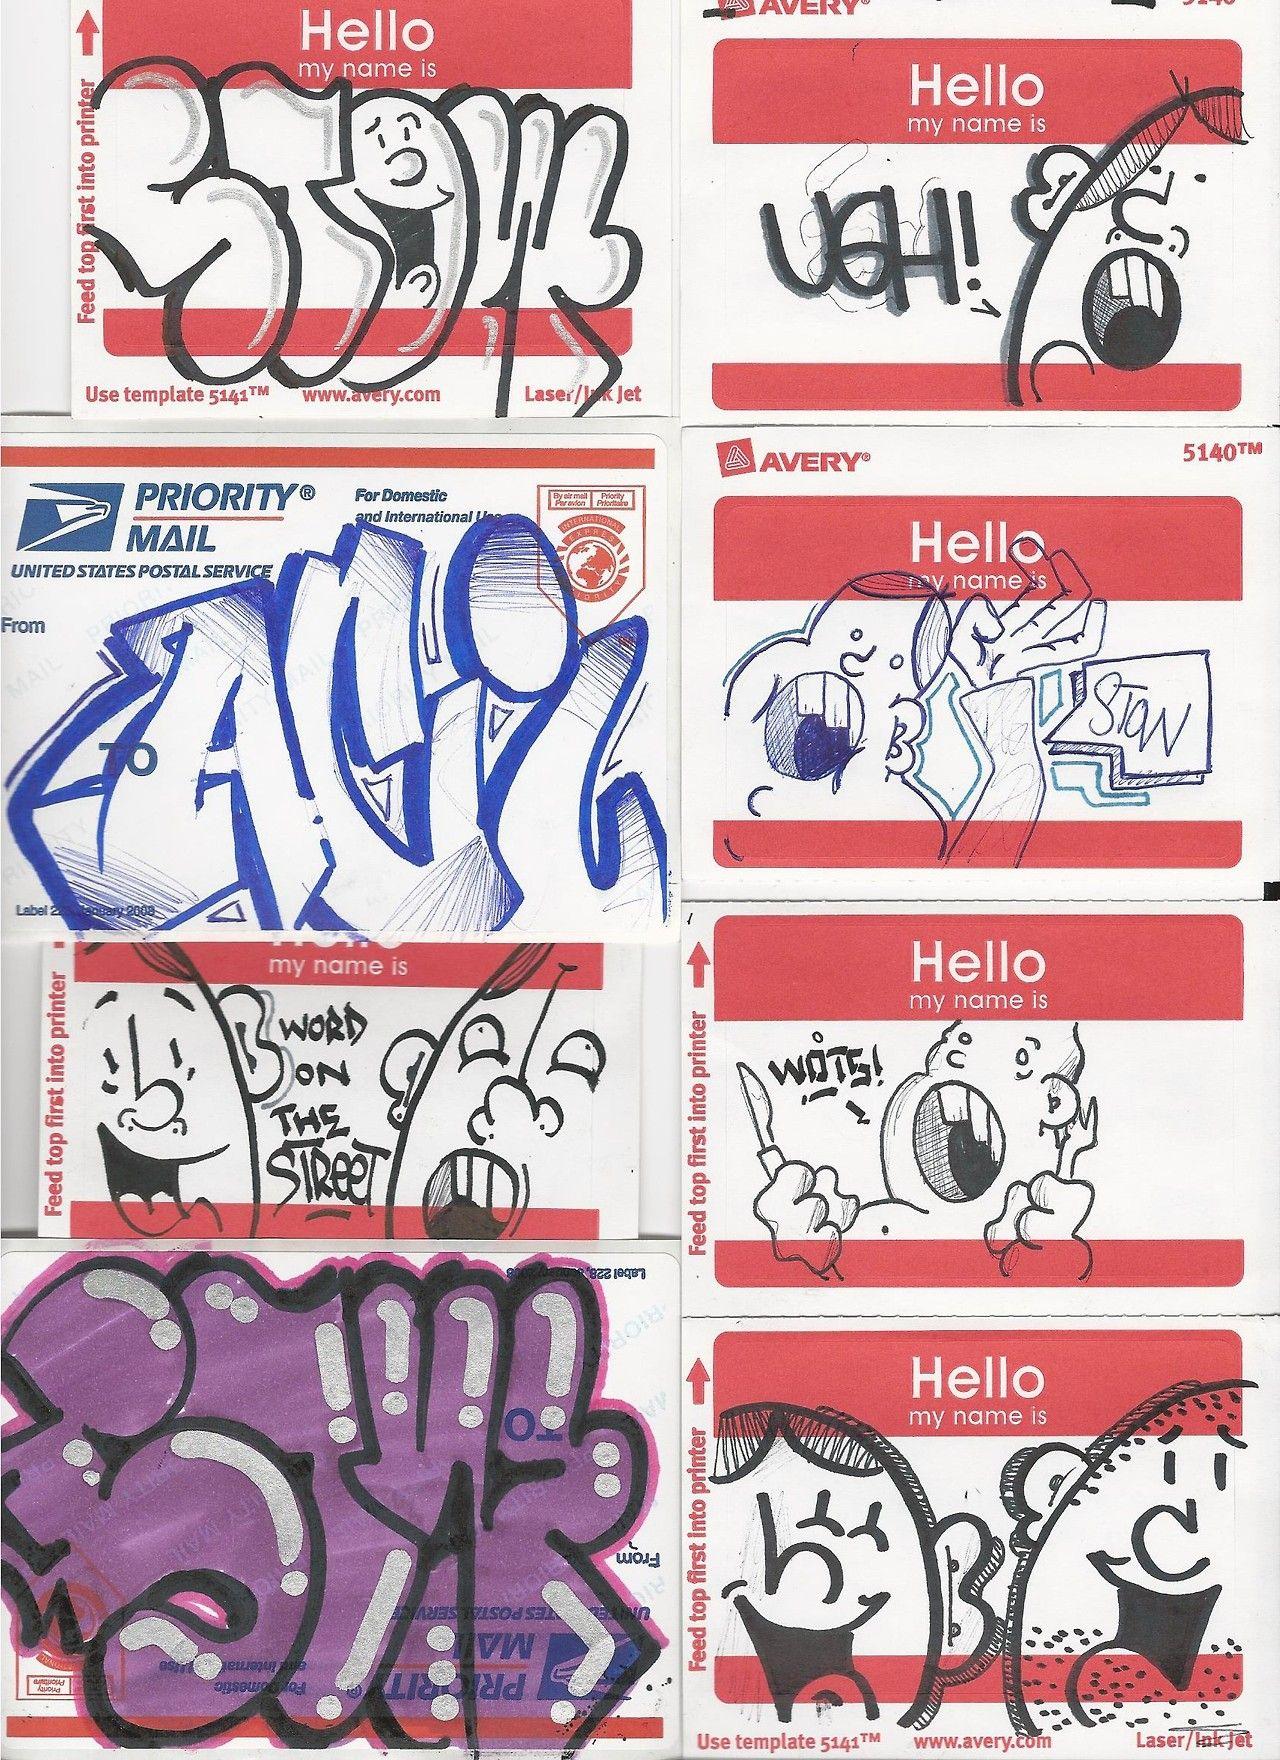 Sticker street art graffiti drawing street art graffiti